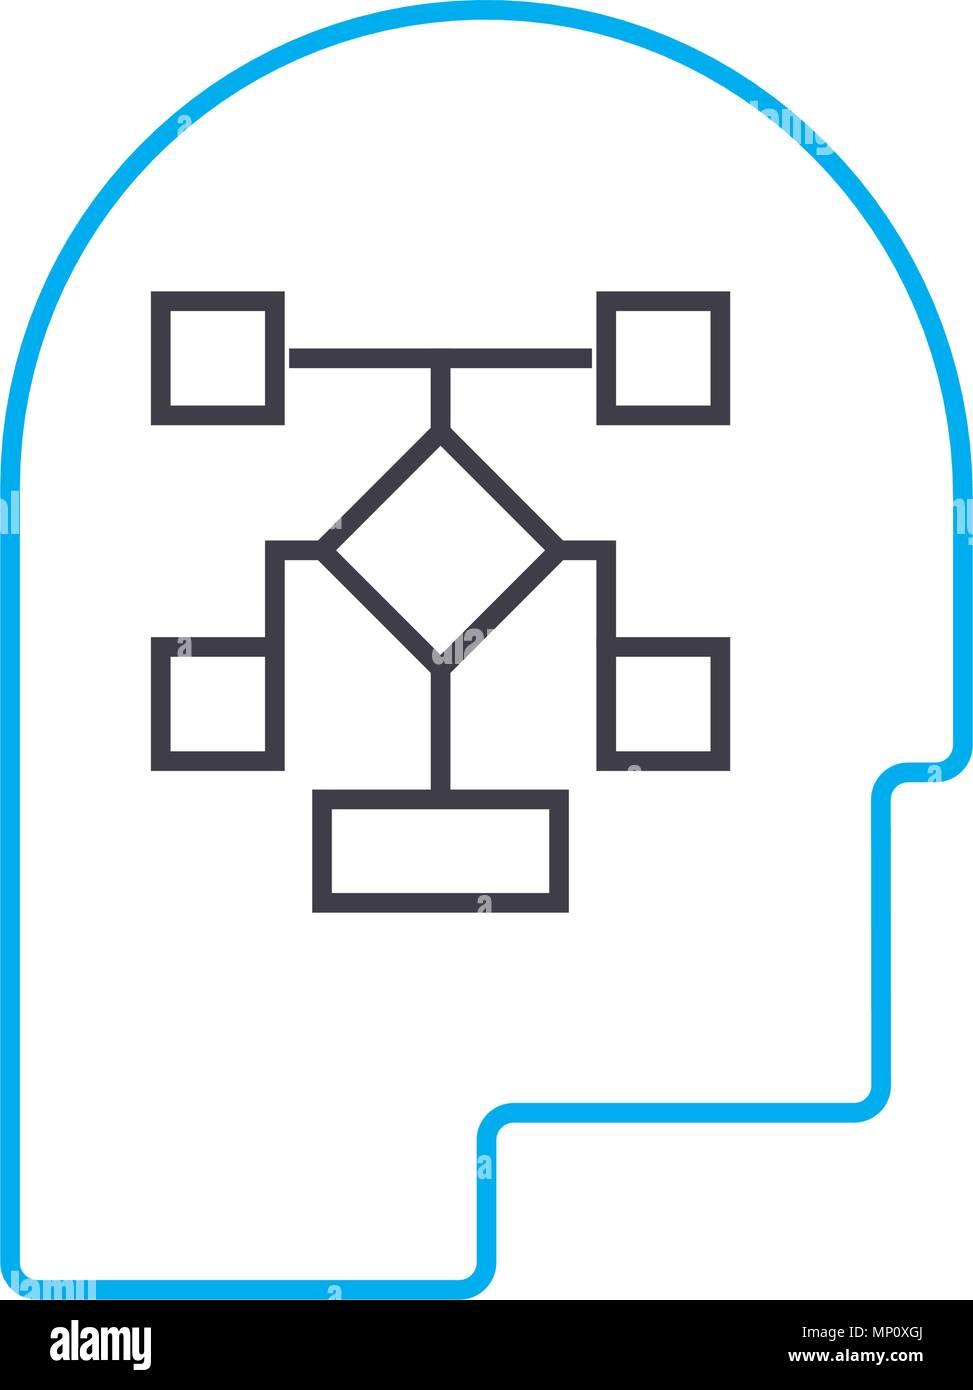 Desarrollo De La Estructura De Gestión Icono Lineal Concepto